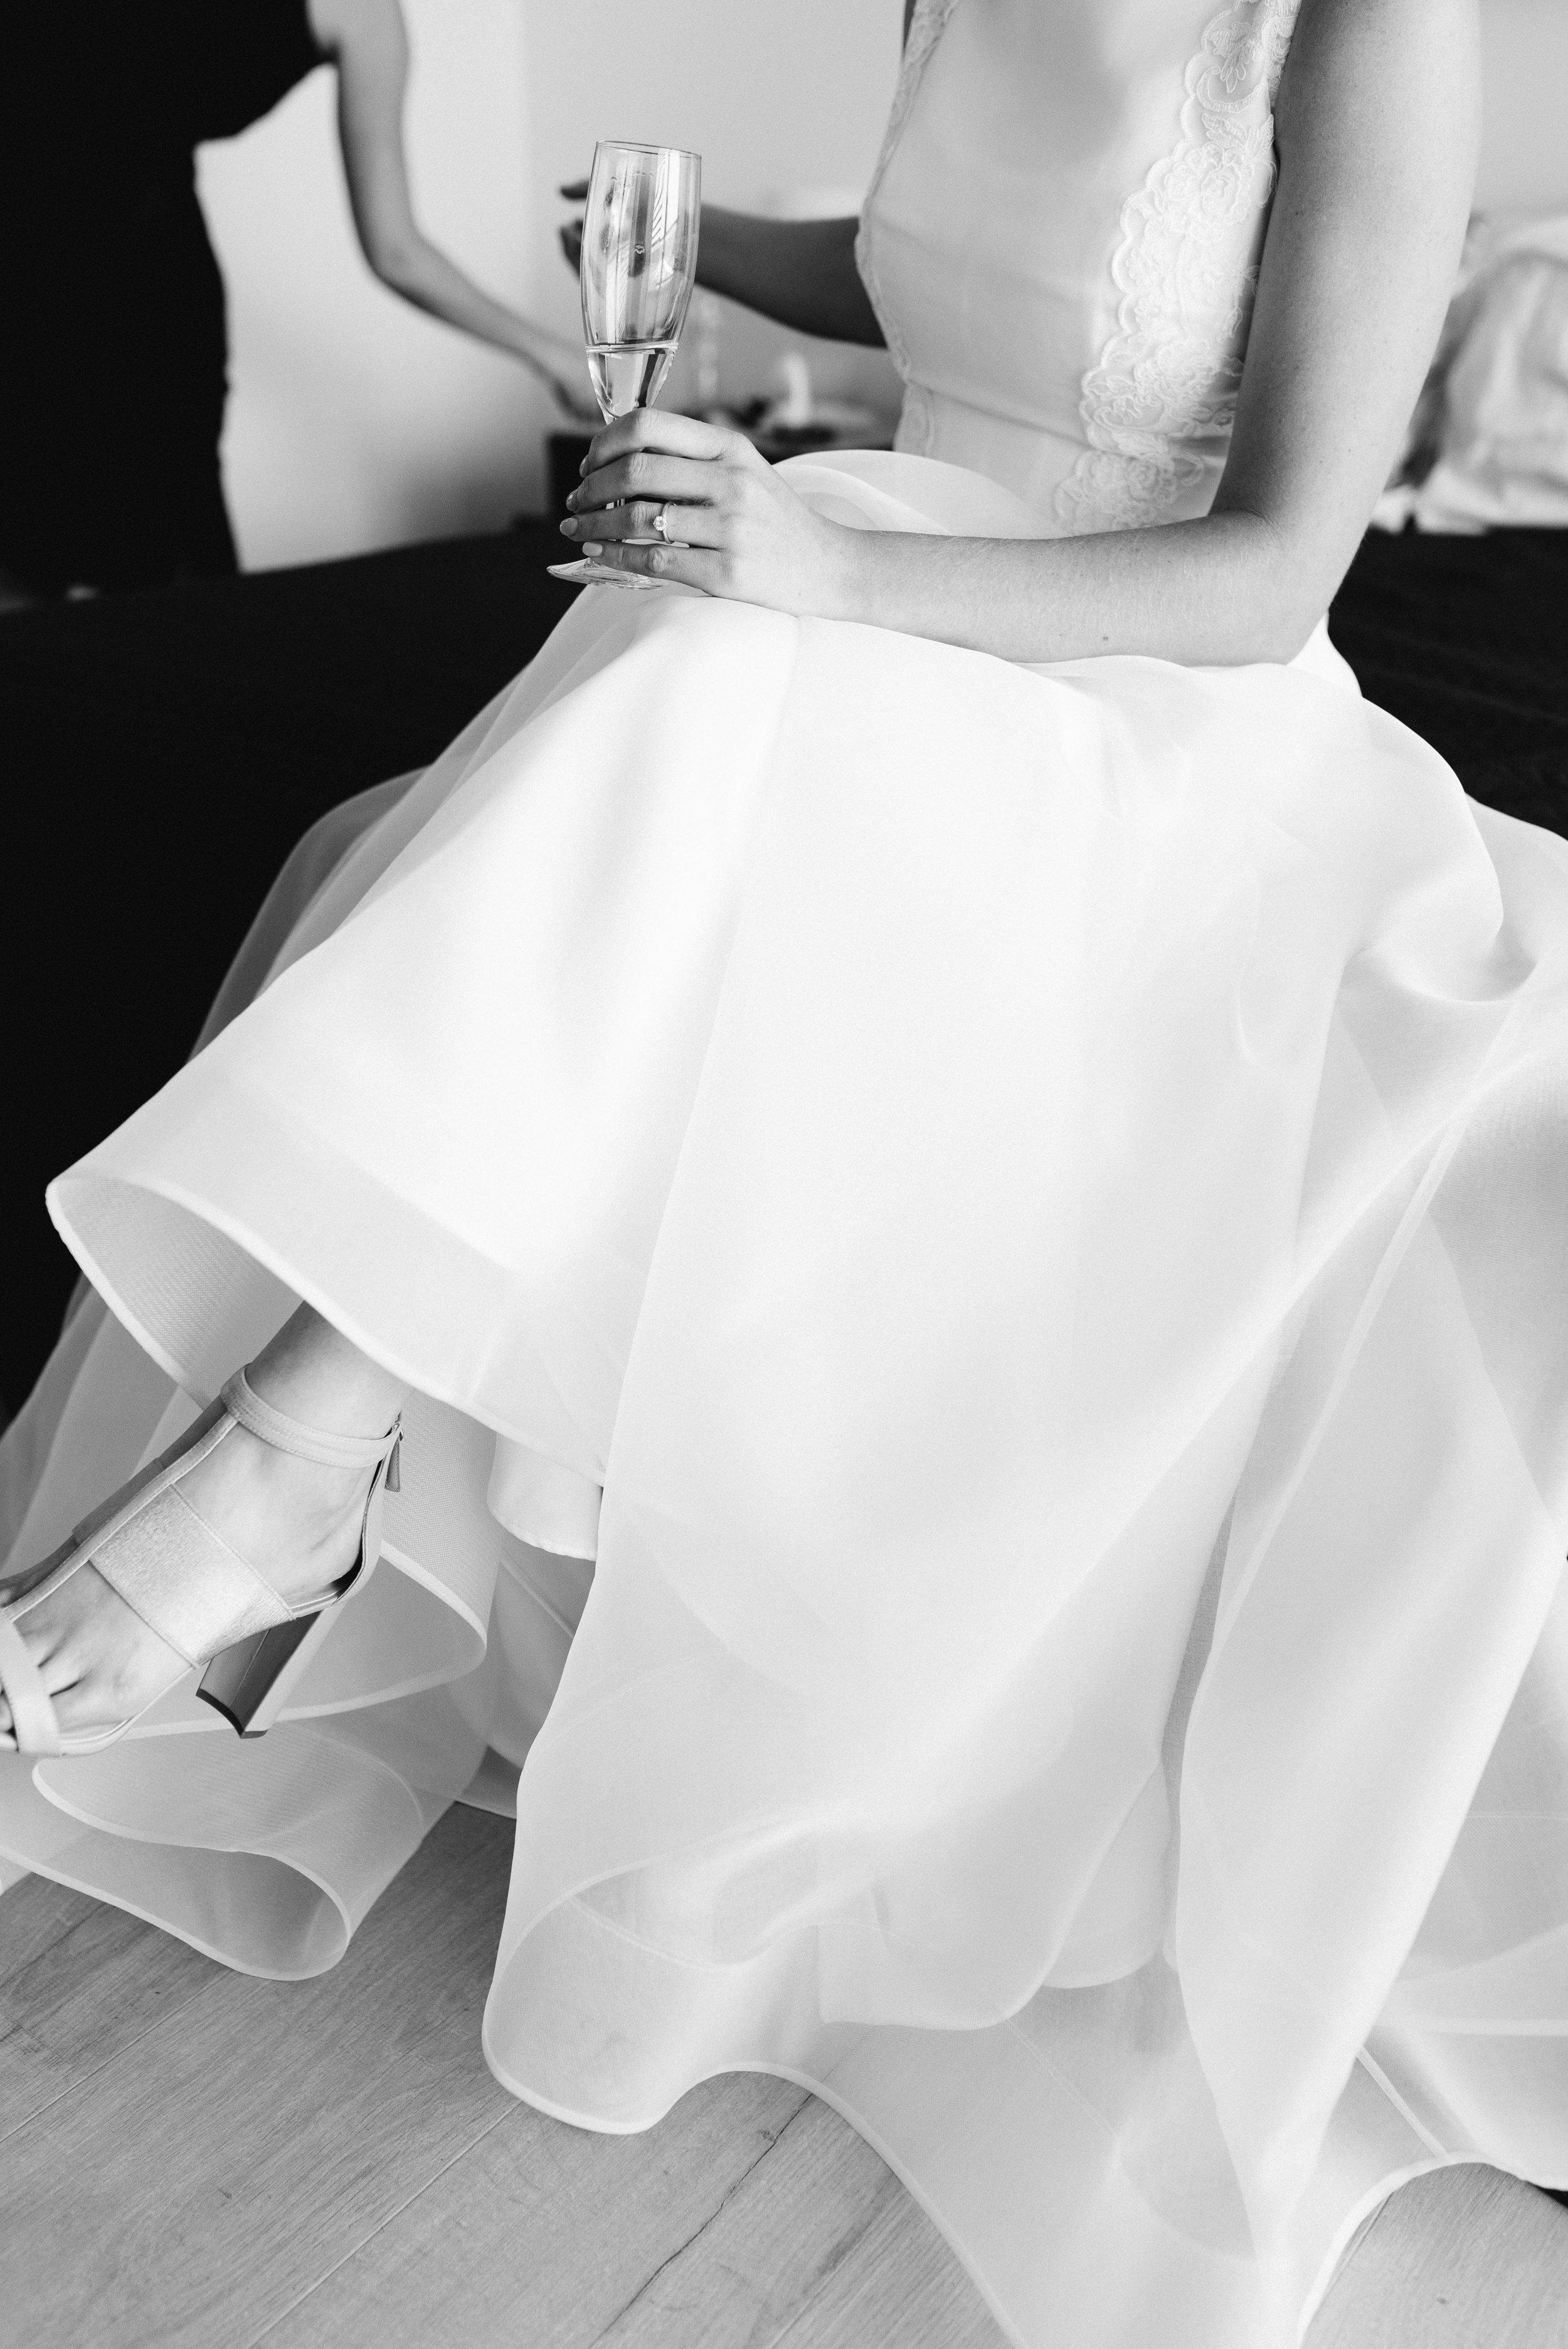 wedding-photography-brisbane-sandstone-point-hotel-bribie-island-luxewedding-17.jpg